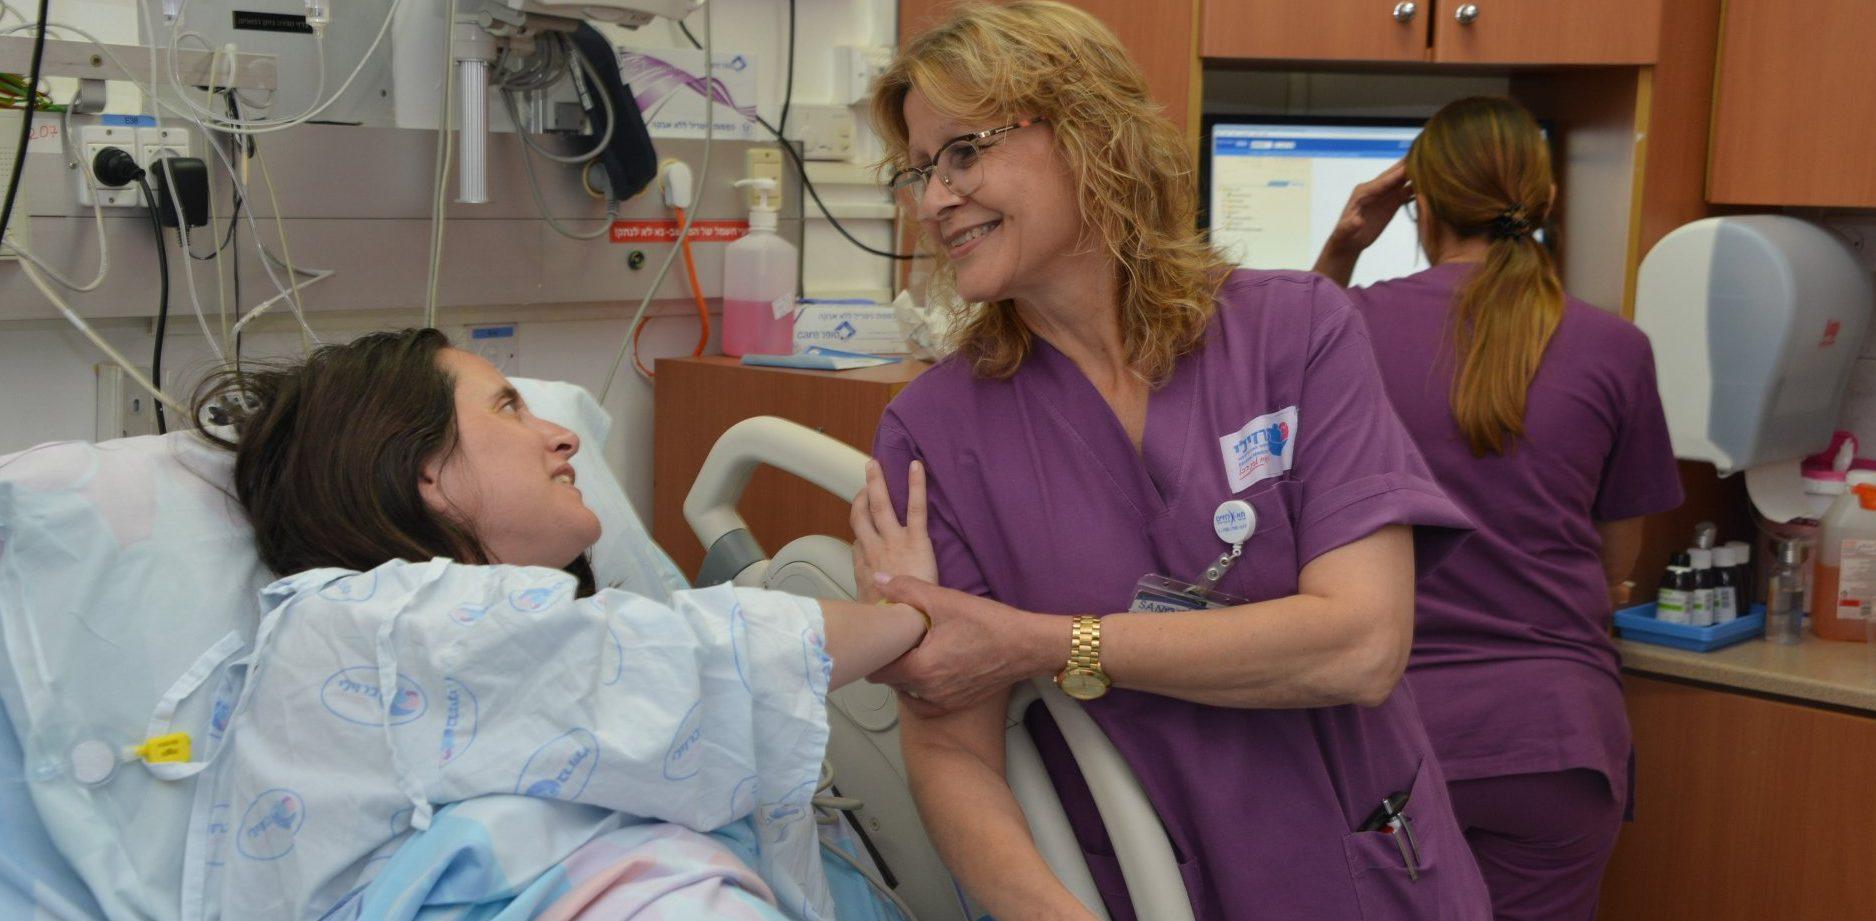 המיילדת שוש שלום עם אחת היולדות. צילום: דוד אביעוז, צילום רפואי ברזילי